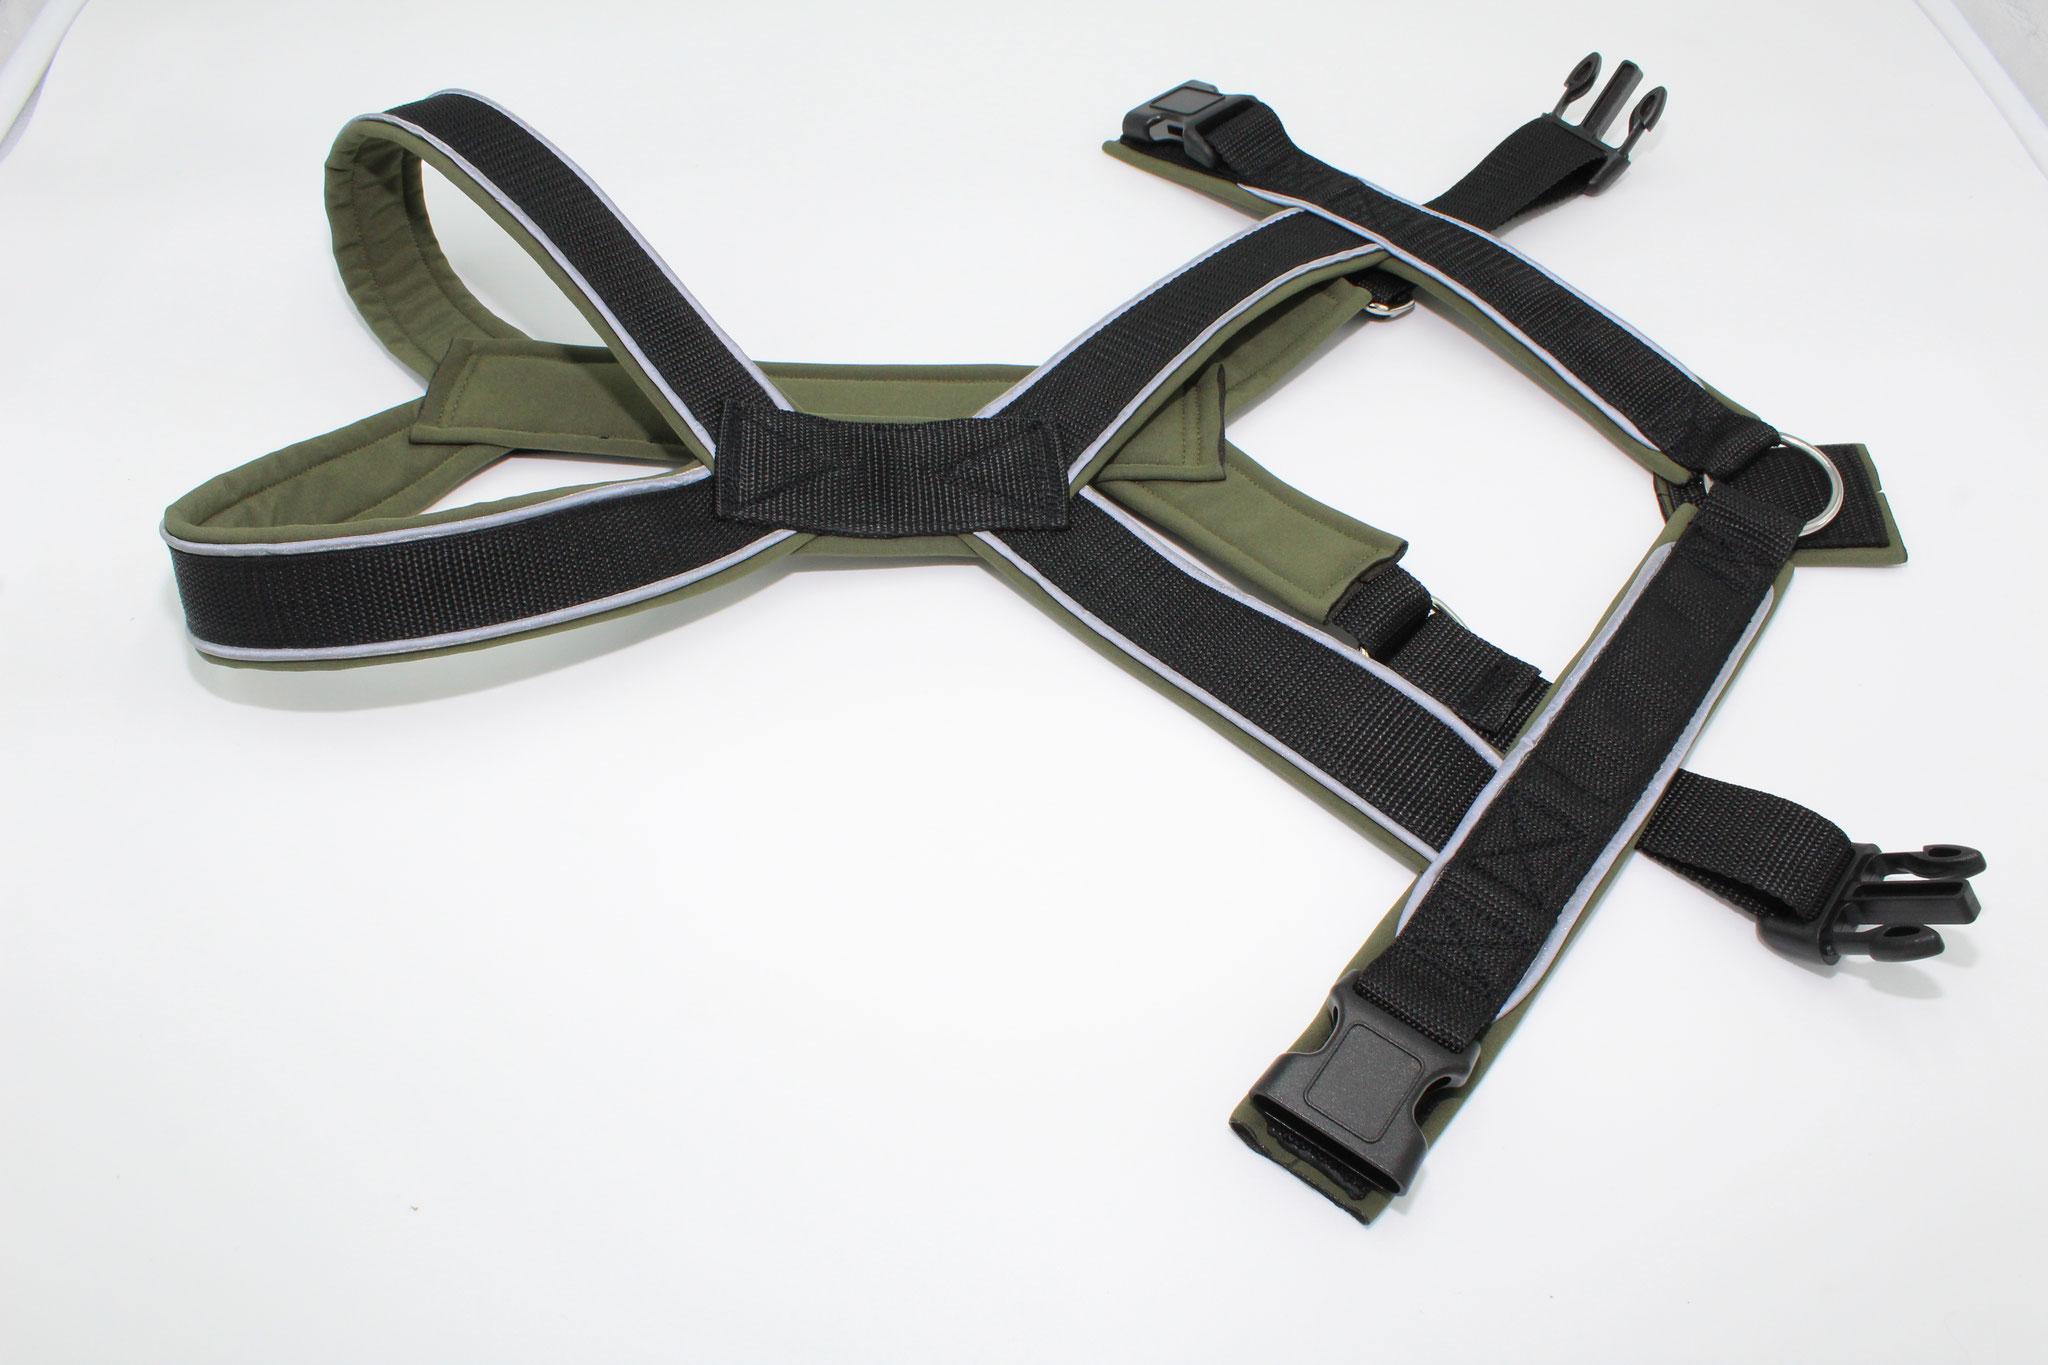 Gurtband schwarz G1, Softshell olivgrün S59, mit Reflektorenpapsel